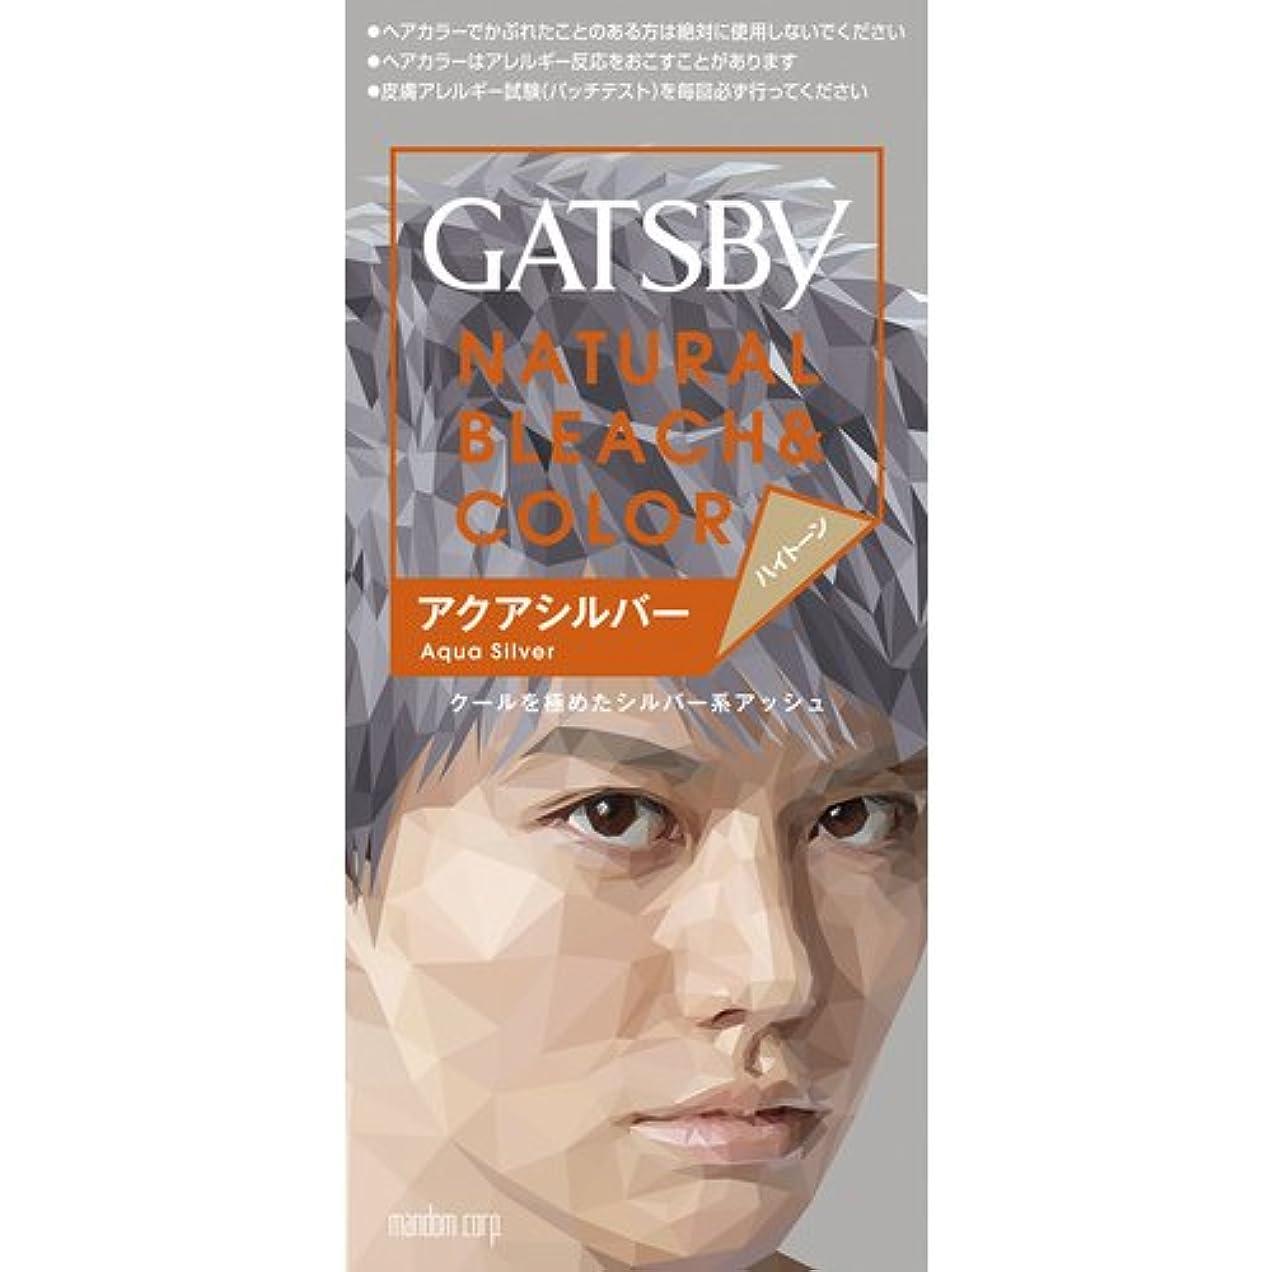 再現する素朴などれでもギャツビー(GATSBY) ナチュラルブリーチカラー アクアシルバー 35g+70ml [医薬部外品]